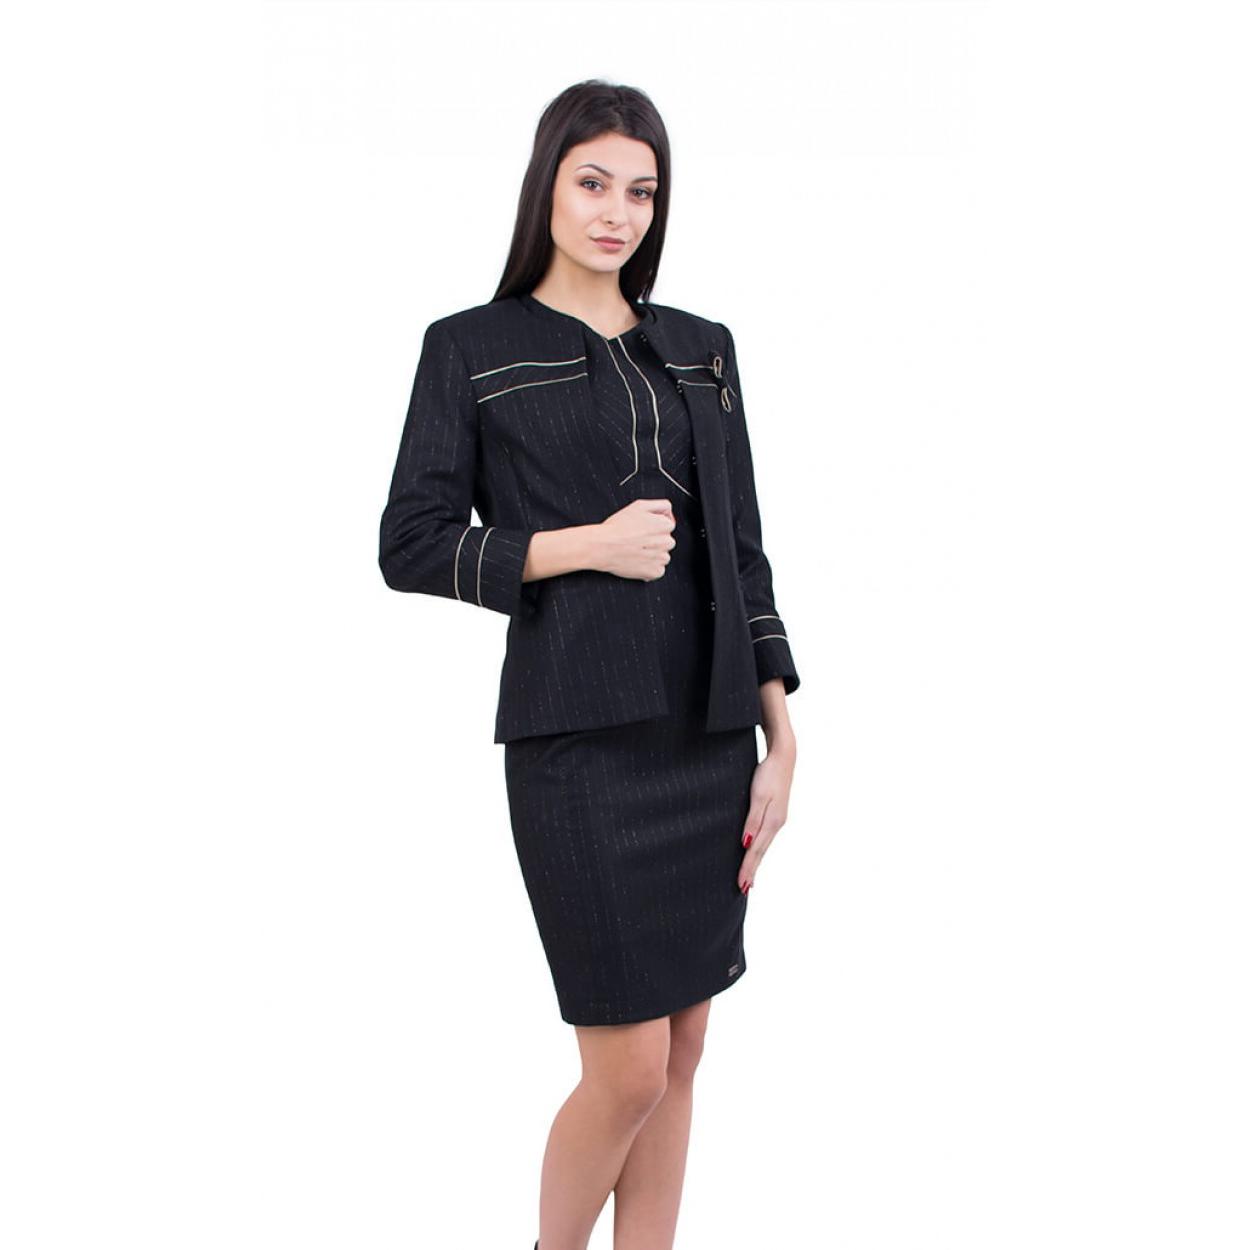 Costume femme noir avec jupe